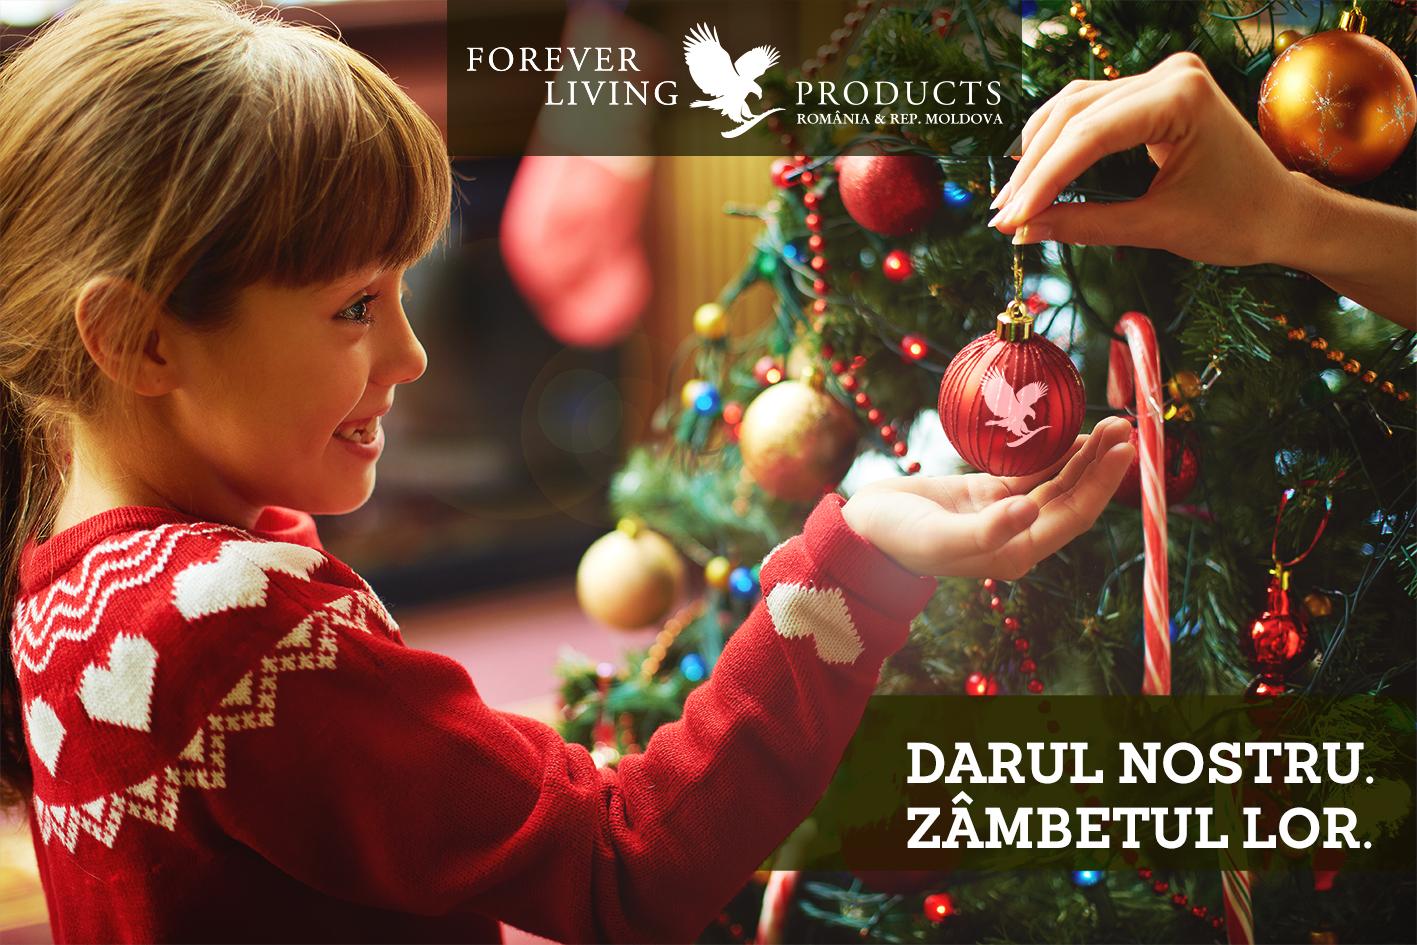 darul nostru zambetul lor programul de donare ajuta copii dec raciun forever living romania